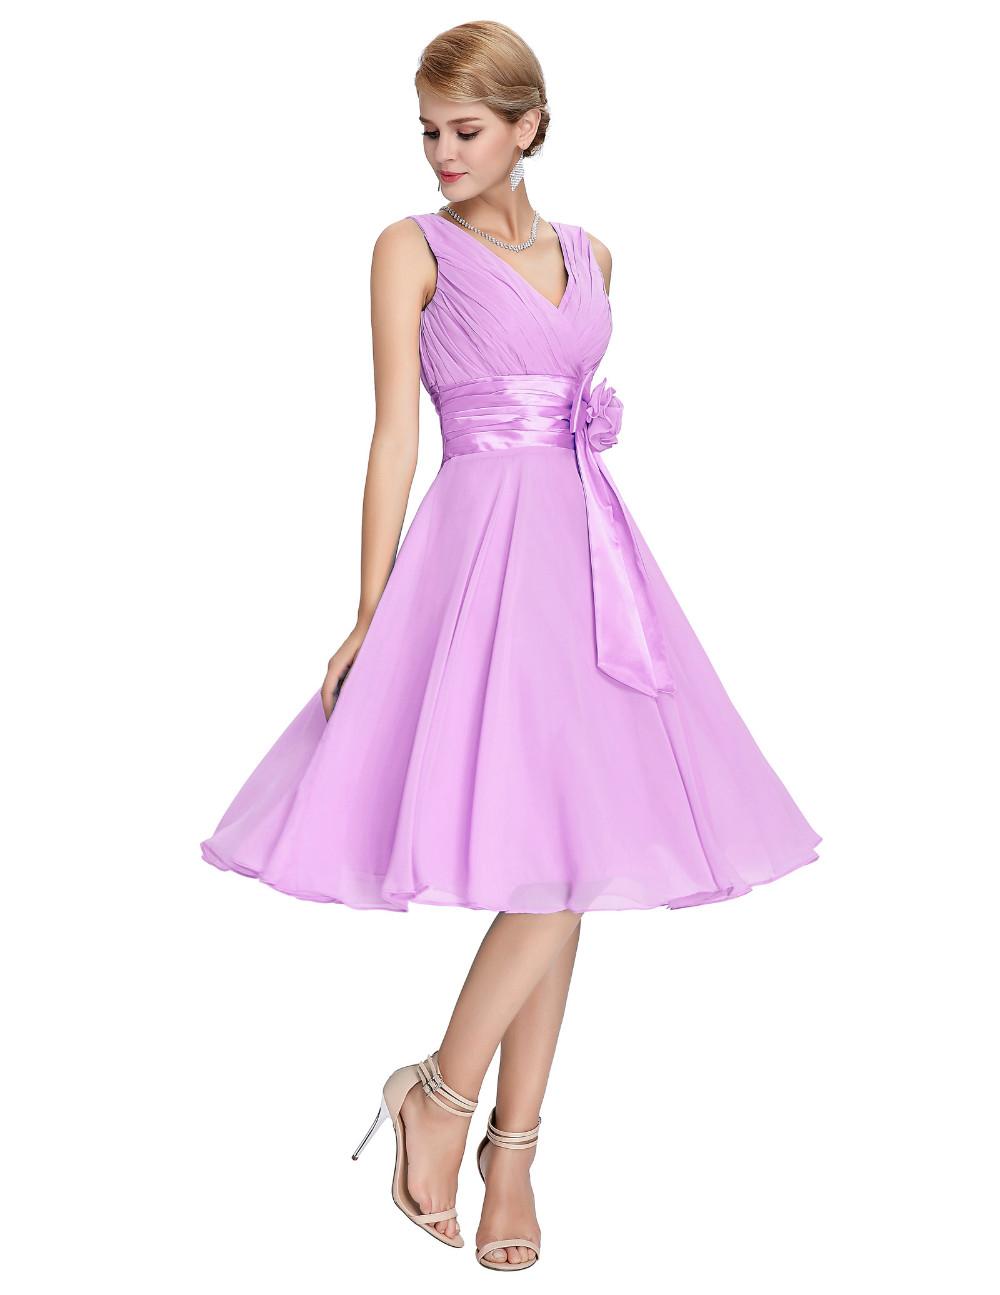 HTB1J36TMVXXXXcnXVXXq6xXFXXXkKnee Length Short Chiffon Blue Dress